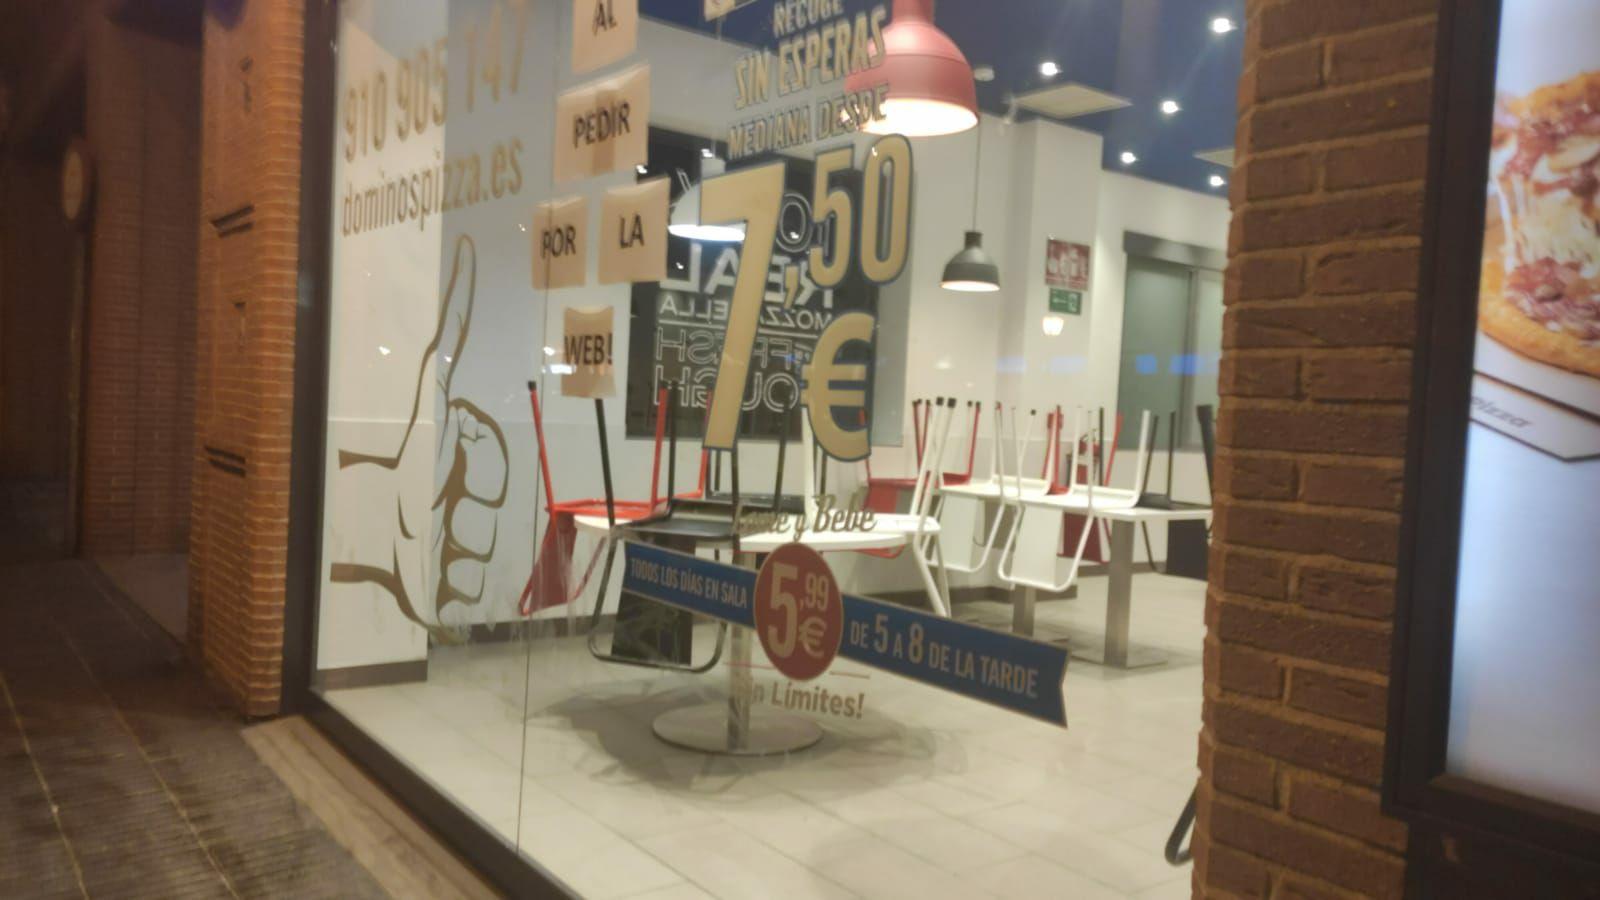 Come y Bebe en Domino's Pizza a 5.99€ de 17h a 20h (Alcalá de Henares)